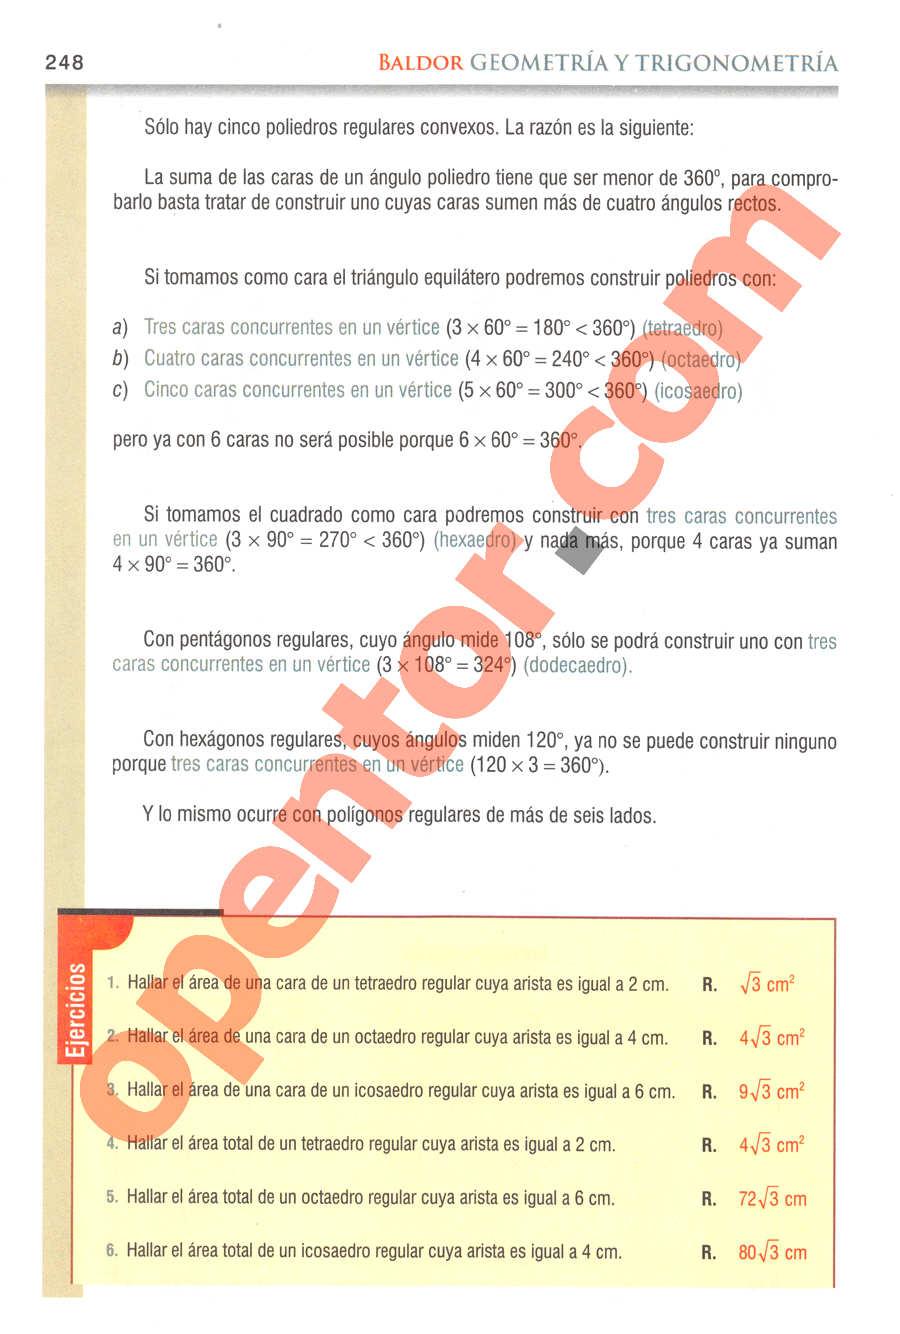 Geometría y Trigonometría de Baldor - Página 248